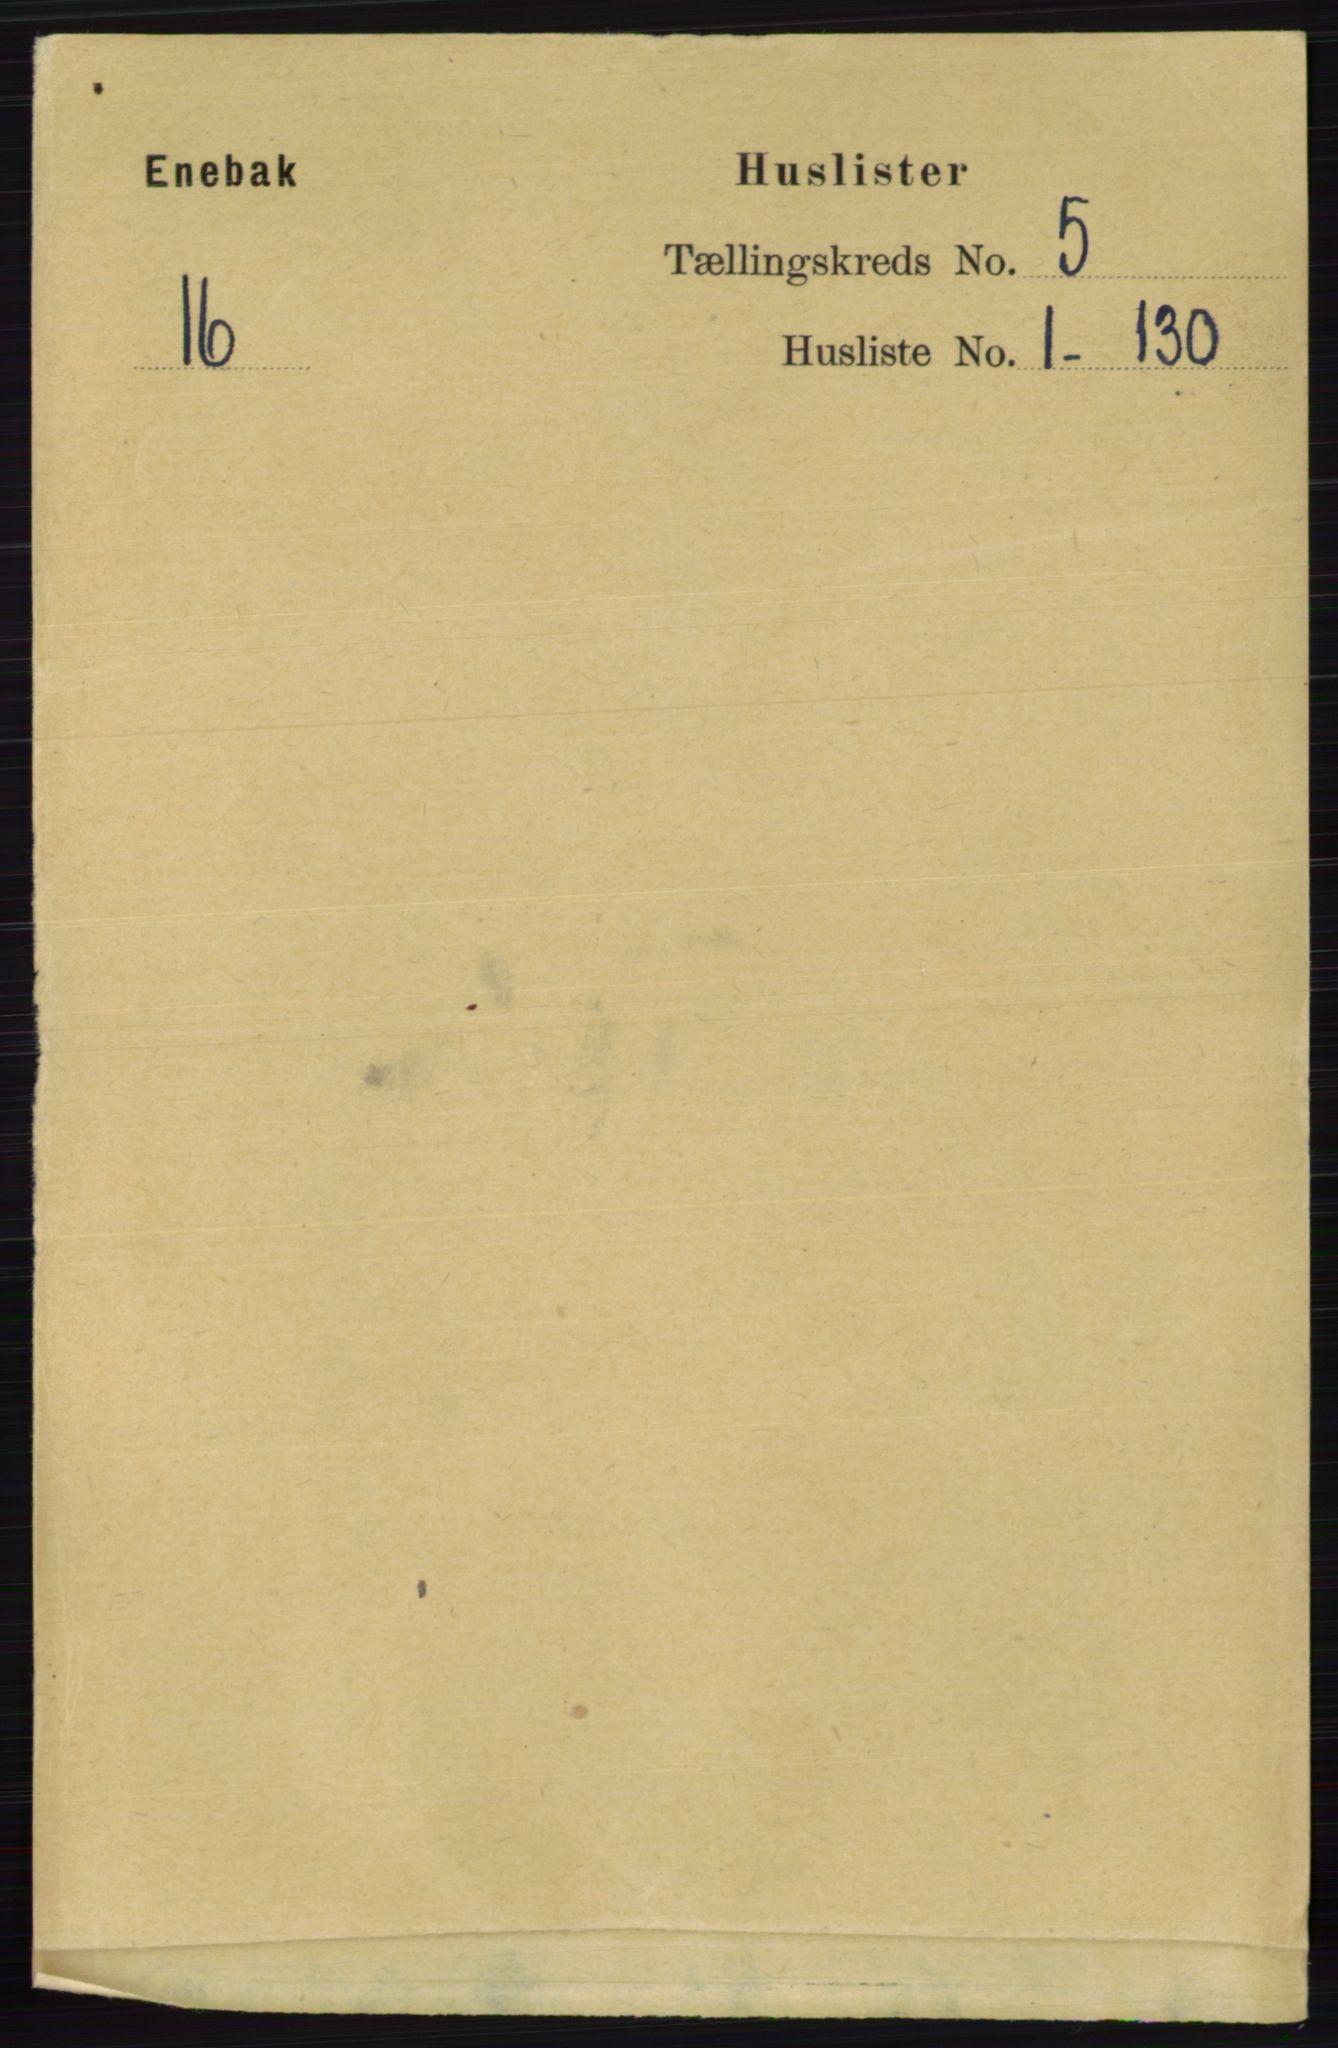 RA, Folketelling 1891 for 0229 Enebakk herred, 1891, s. 1842